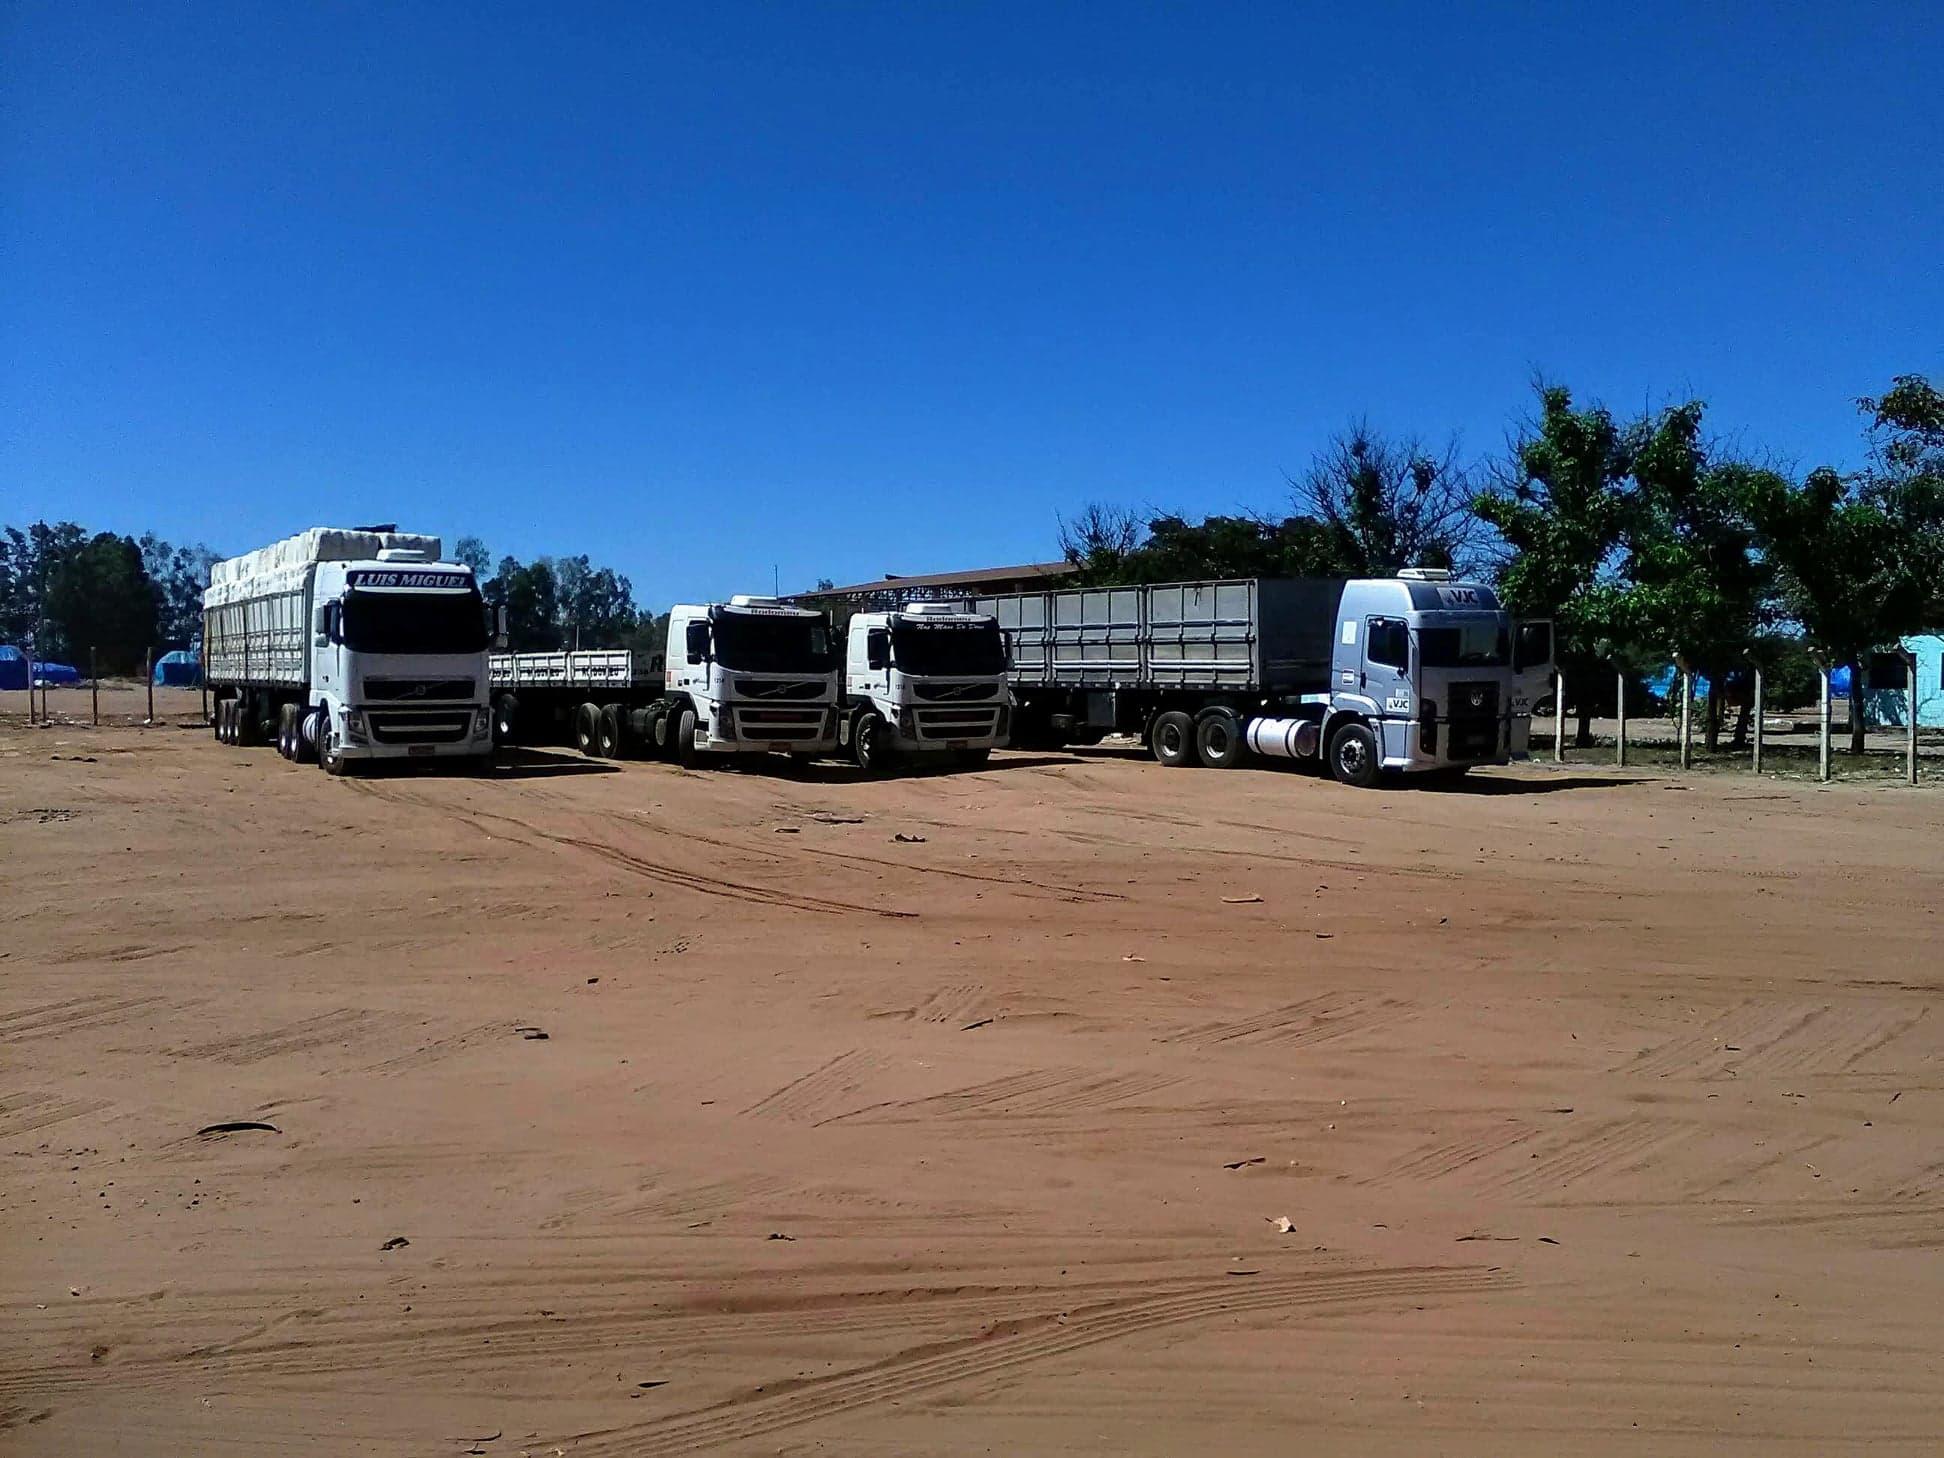 37-ton-katoenladen-voor-Santos-wagen-wordt-door-speciale-afdekkers--dicht-gemaakt-1